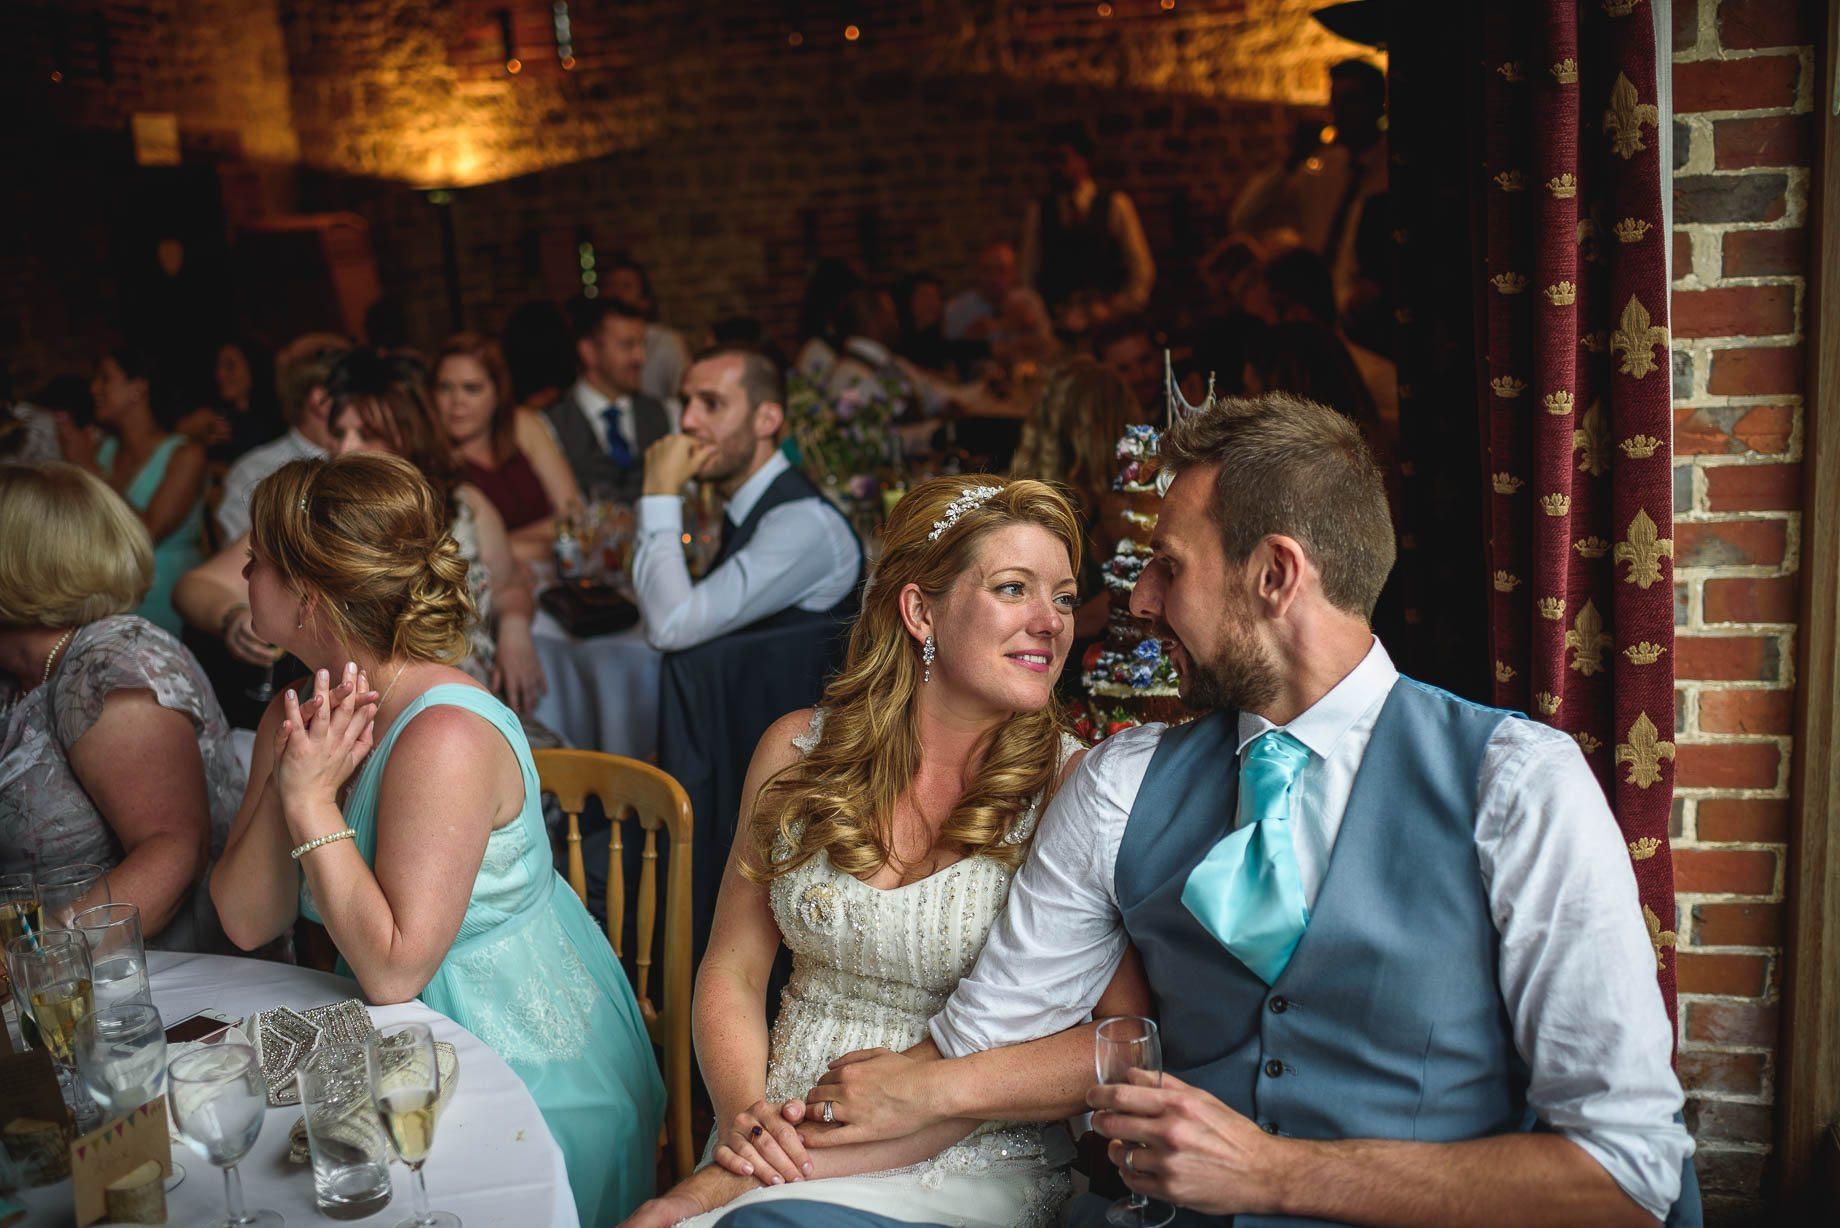 Bartholomew Barns wedding photography - Louise and Spencer (104 of 151)